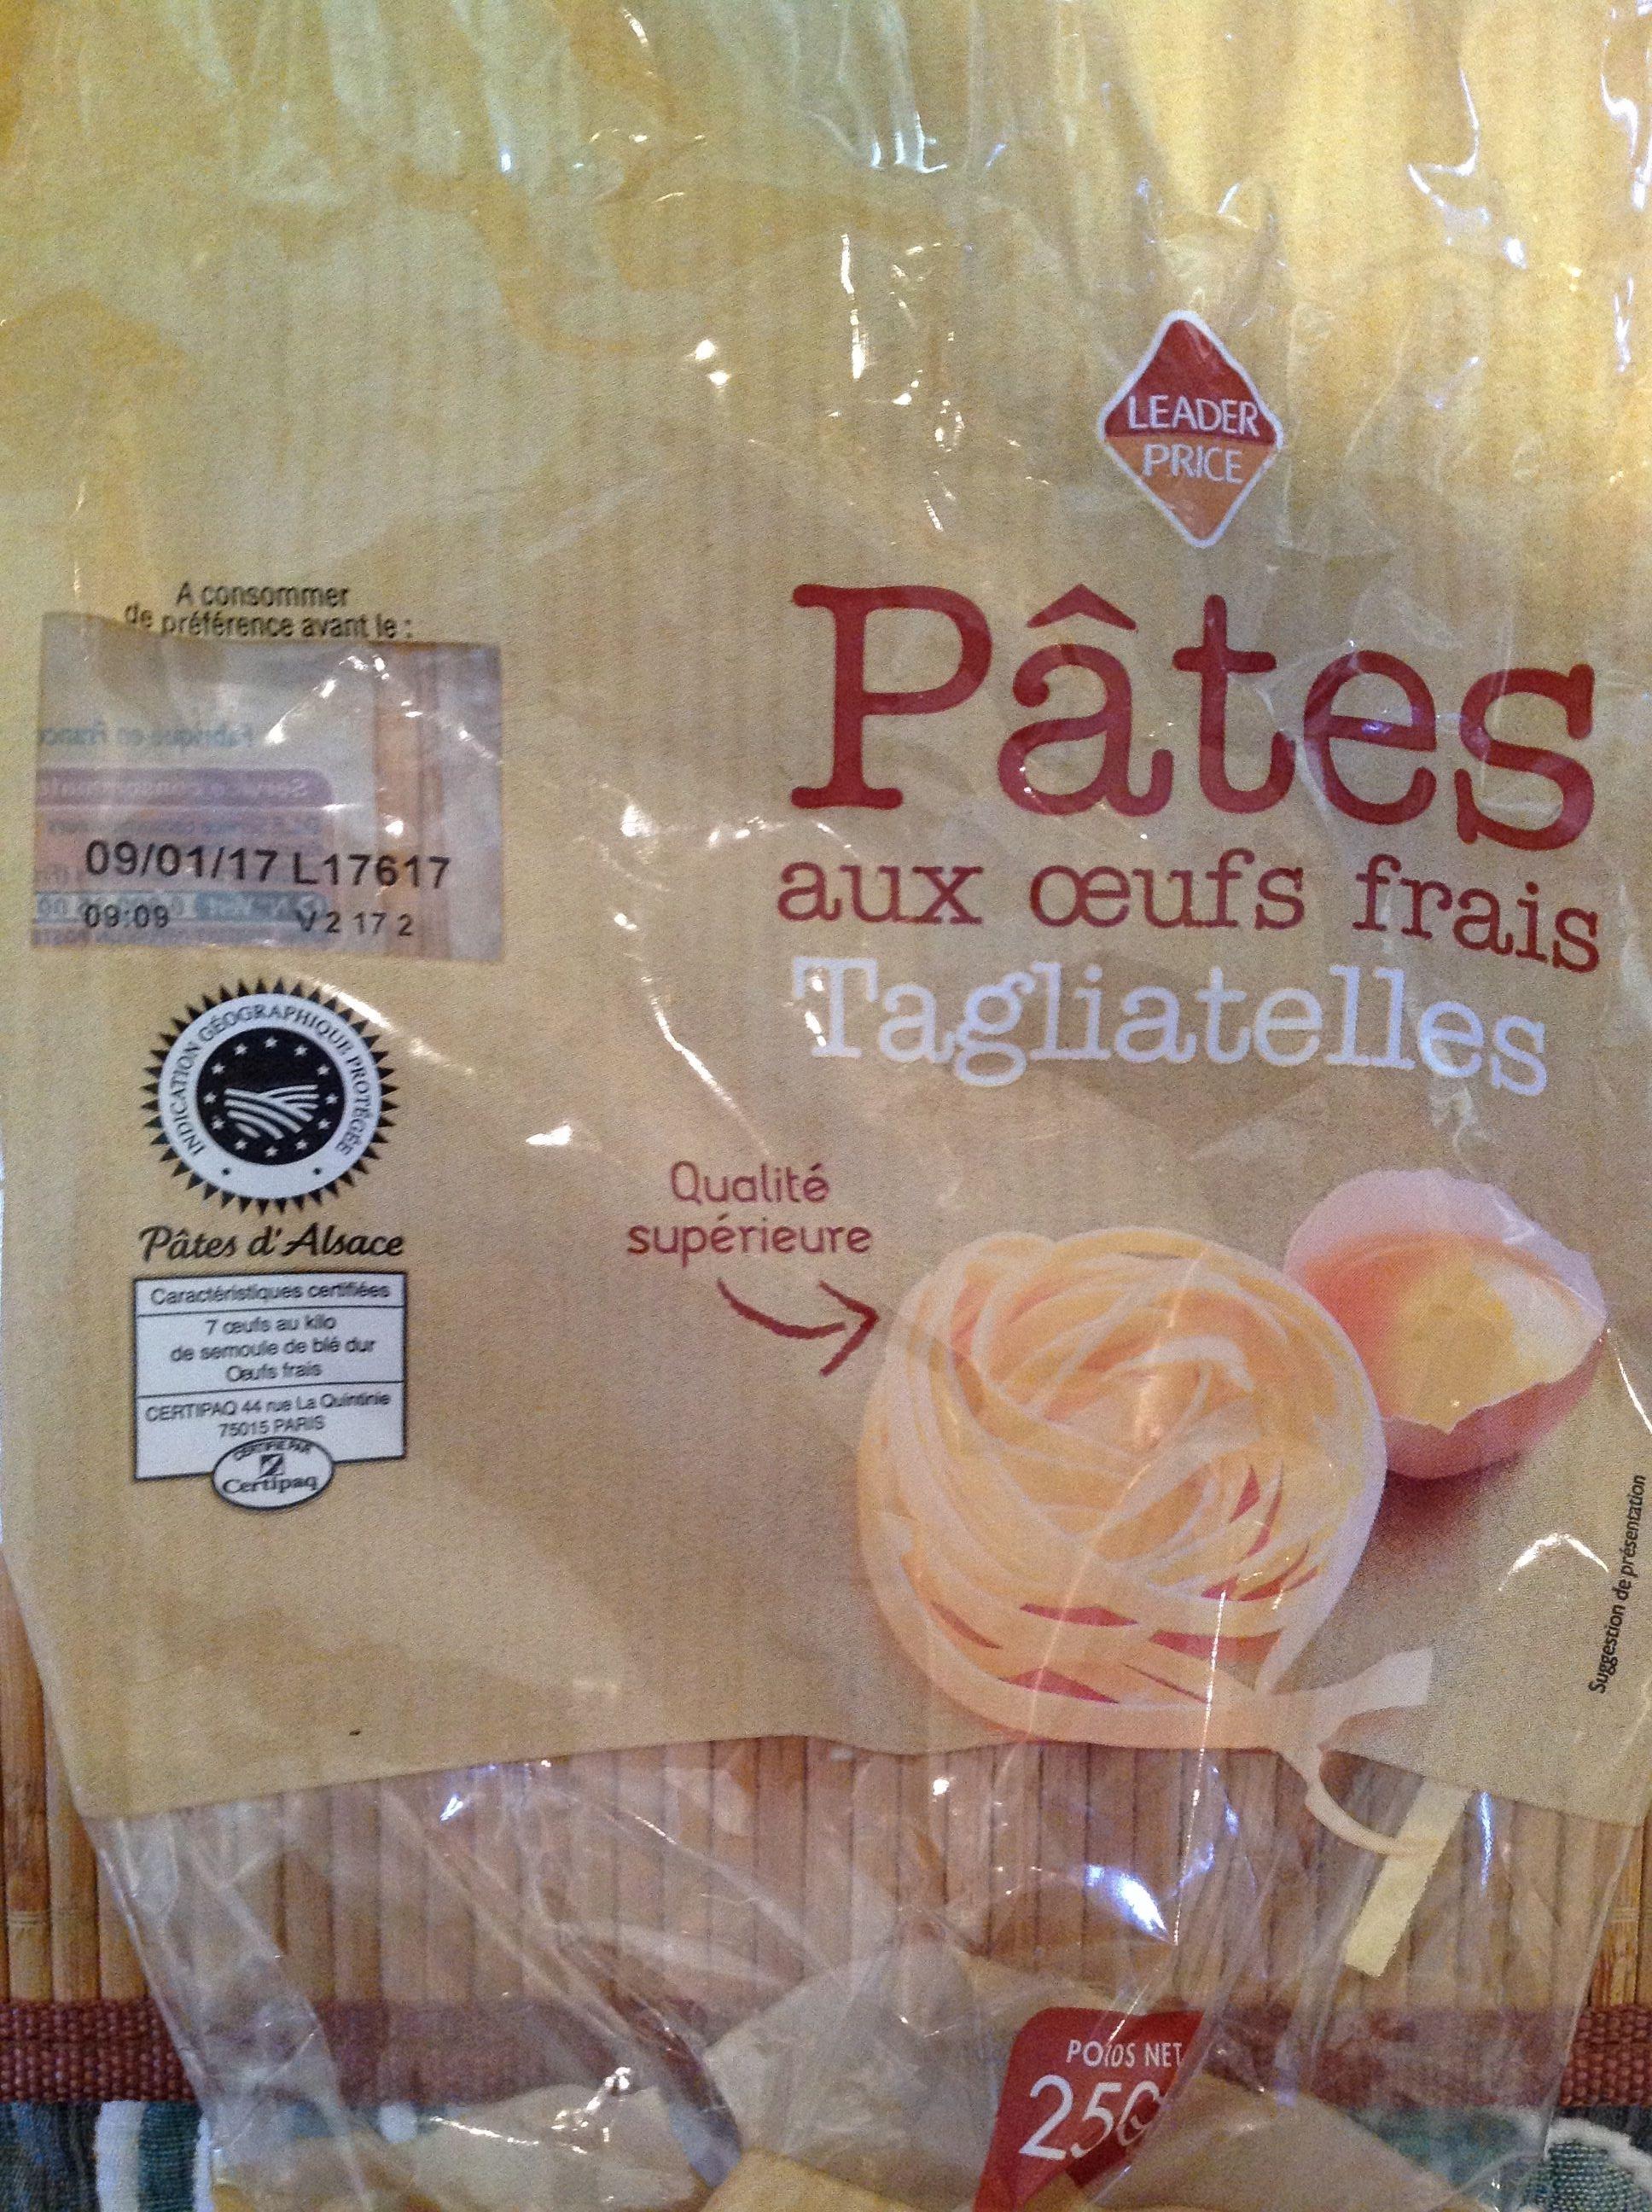 Pâtes aux œufs frais, Tagliatelles (Pâtes d'Alsace) - Produit